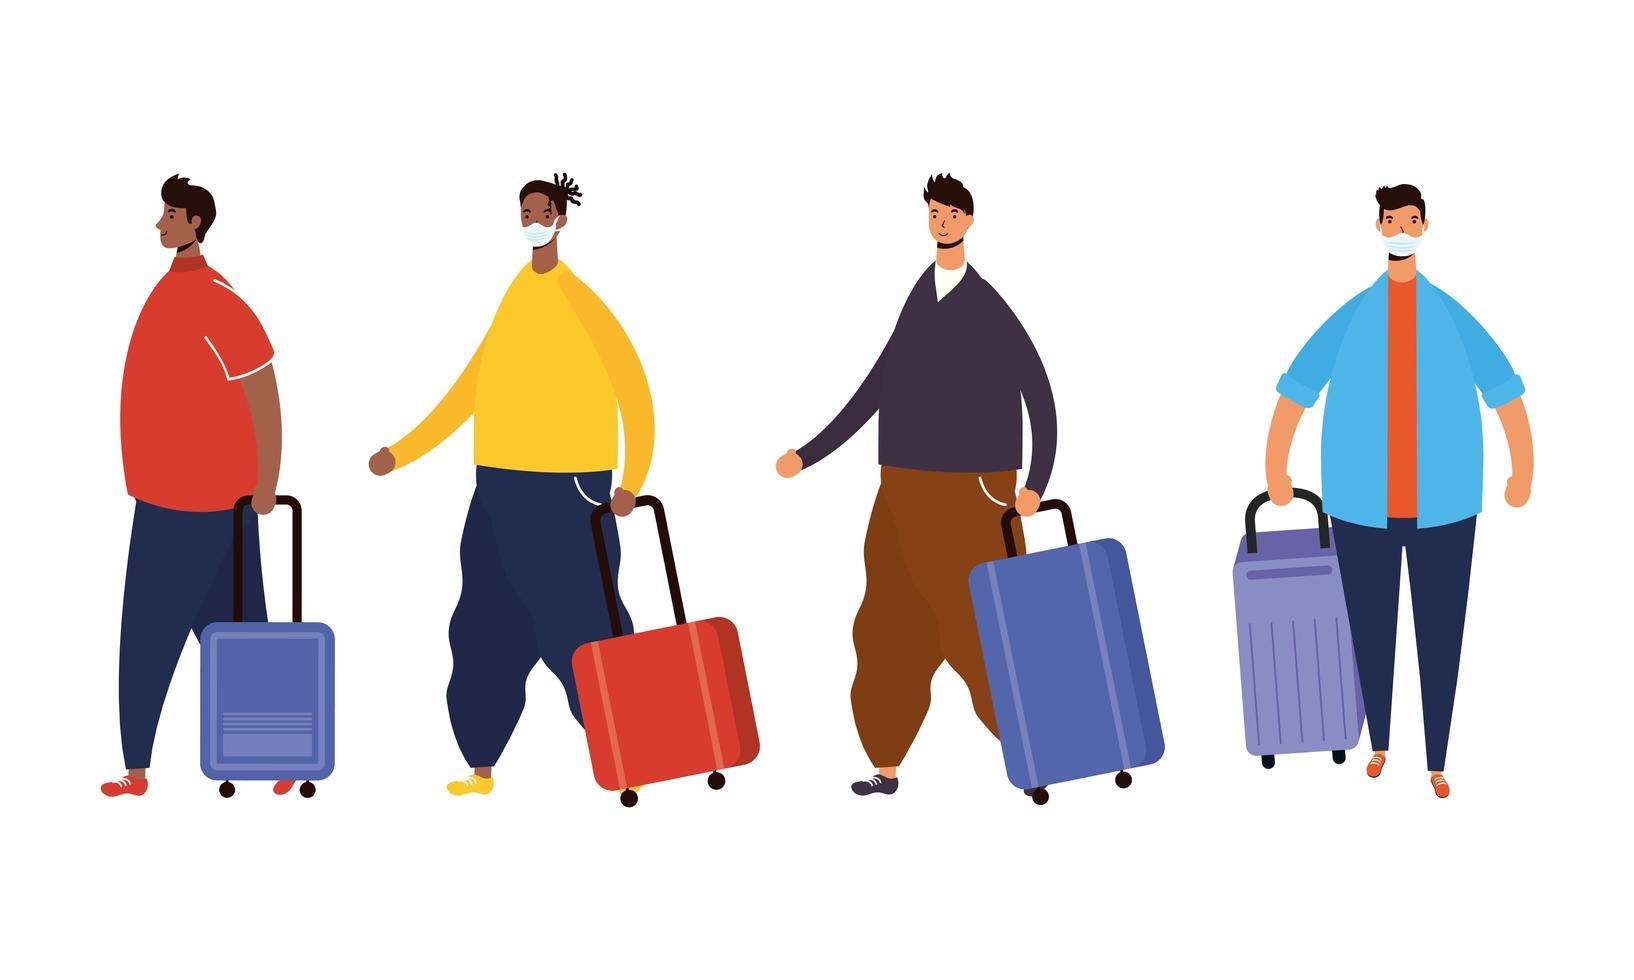 interraciale mannelijke reizigers met koffers avatar-karakters vector